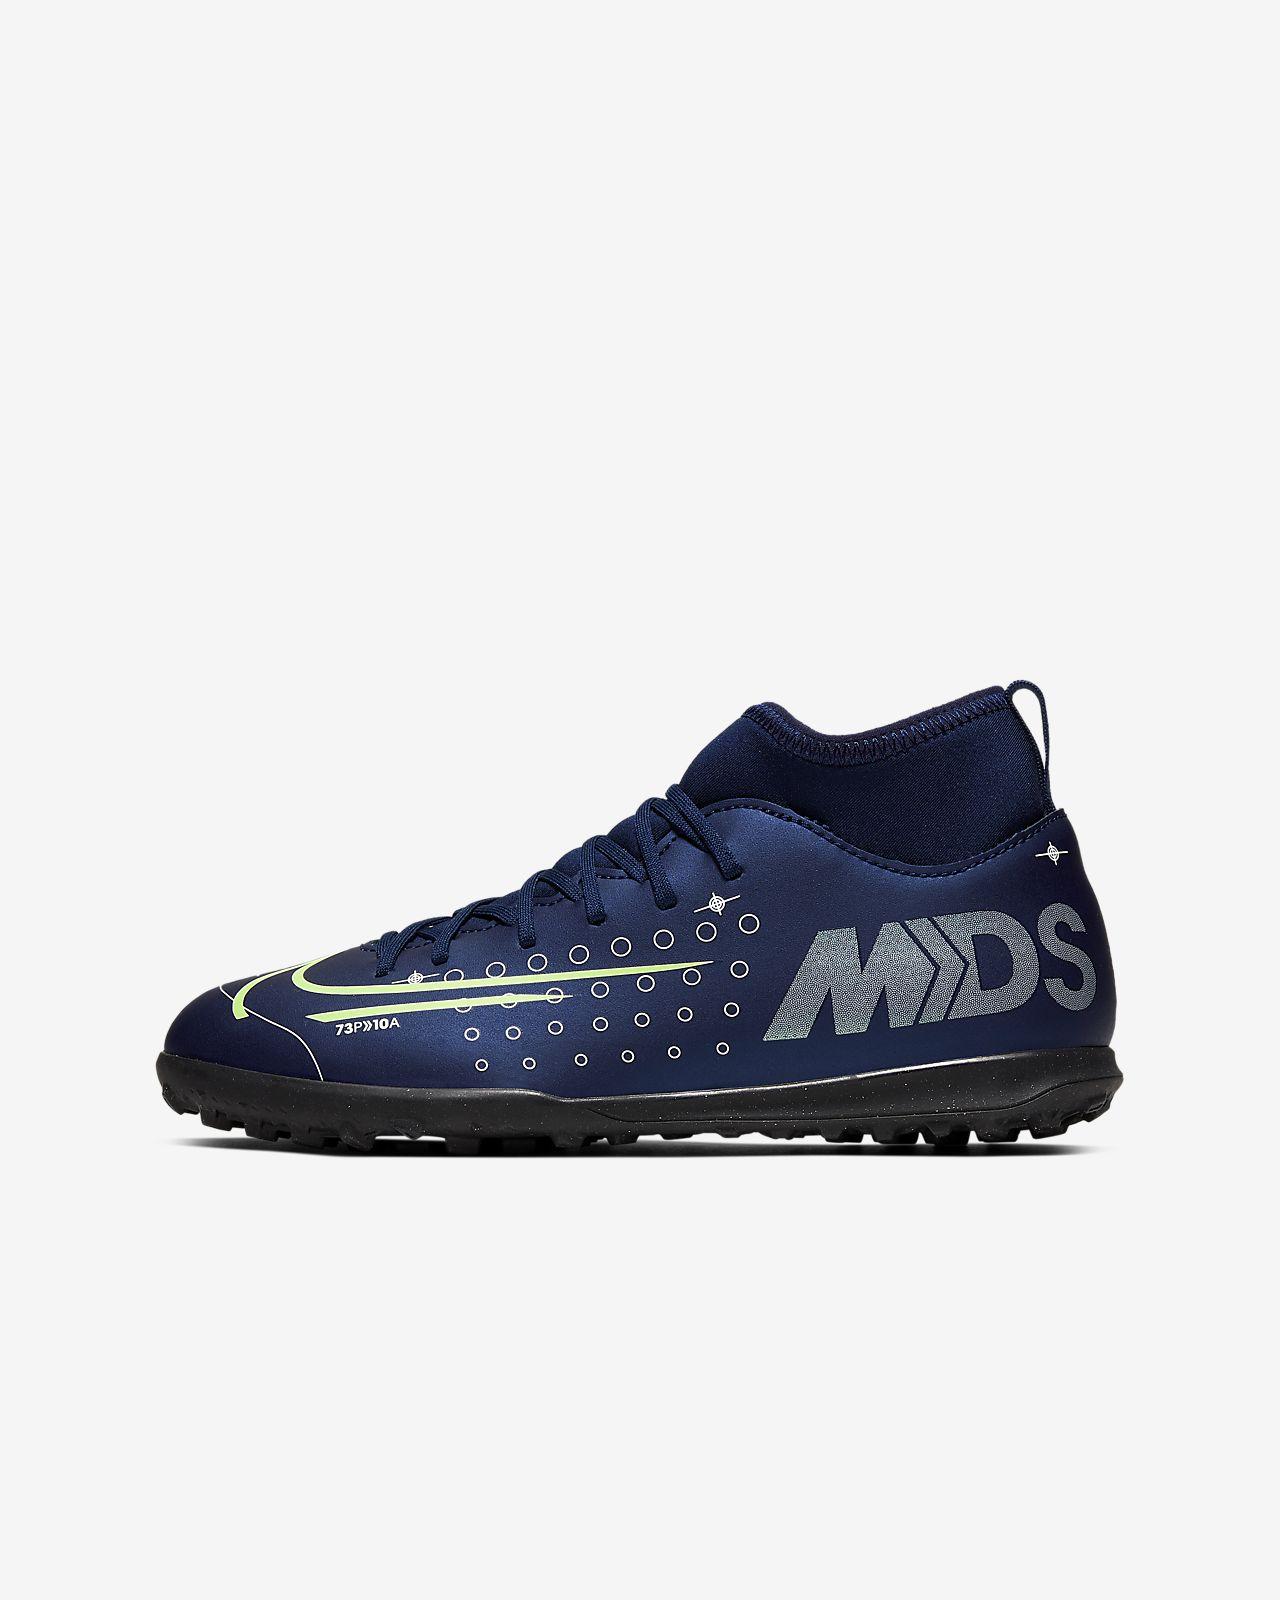 Chaussure de football pour surface synthétique Nike Jr. Mercurial Superfly 7 Club MDS TF pour Jeune enfant/Enfant plus âgé